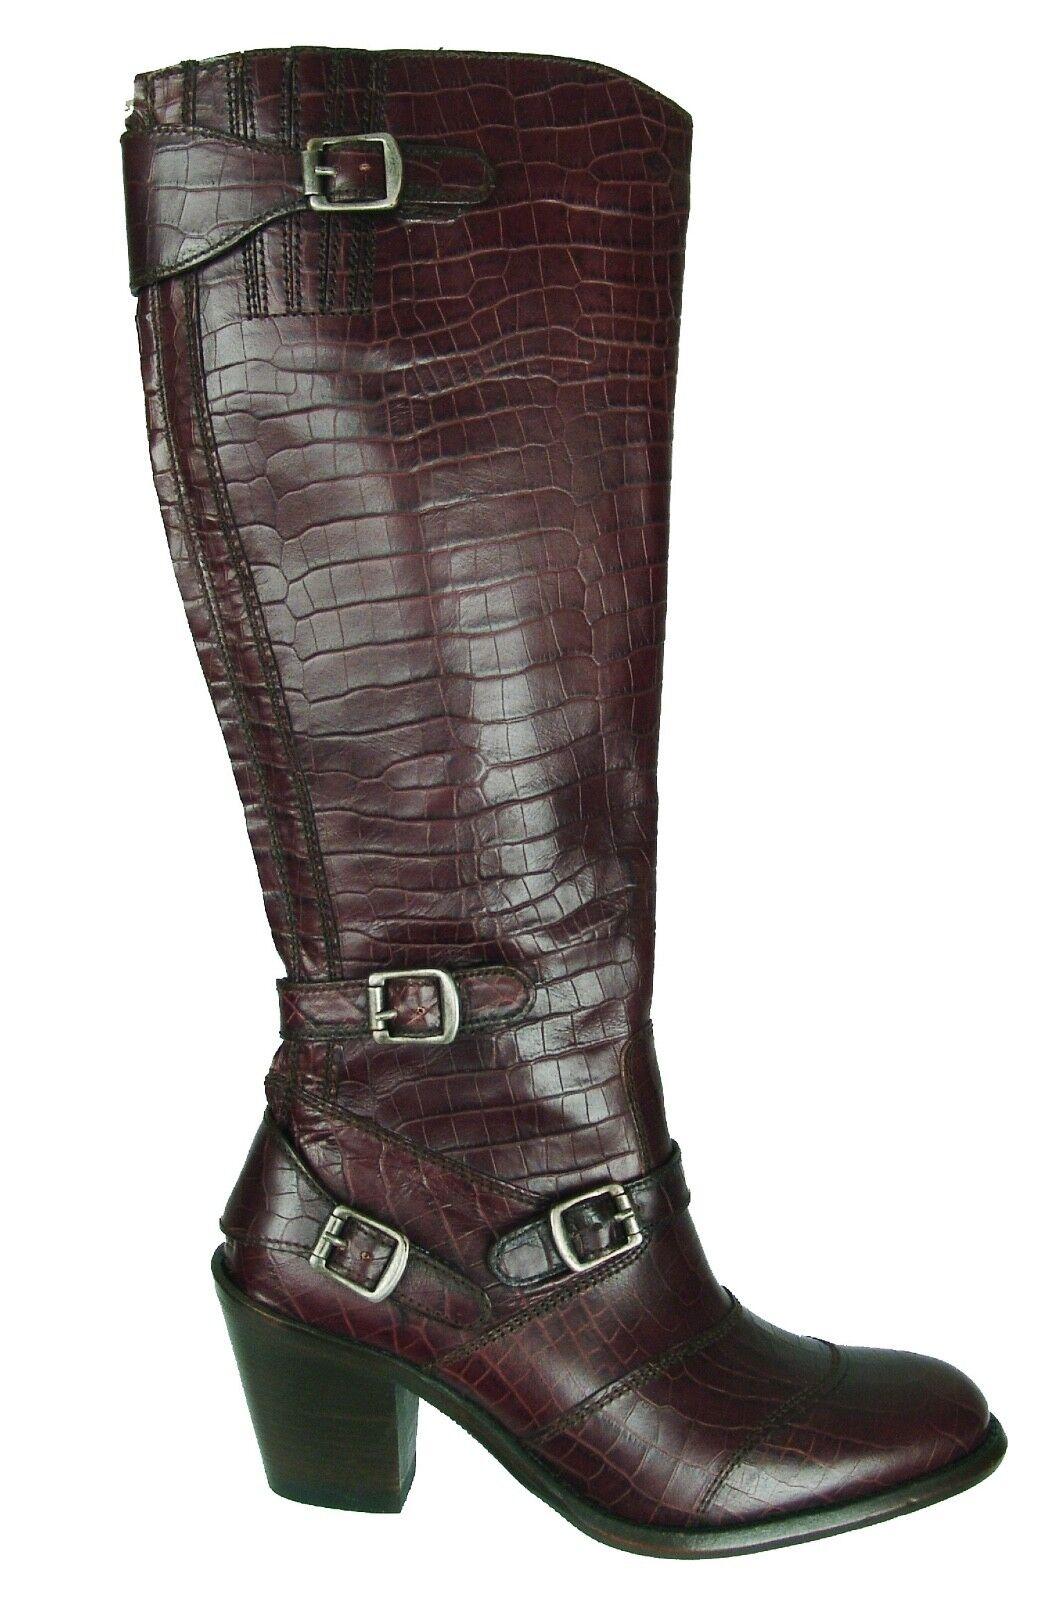 BELSTAFF Trialmaster 55 Cocodrilo Cocodrilo Cocodrilo en relieve de cuero marrón botas Zapatos Talla 36 EU  para proporcionarle una compra en línea agradable